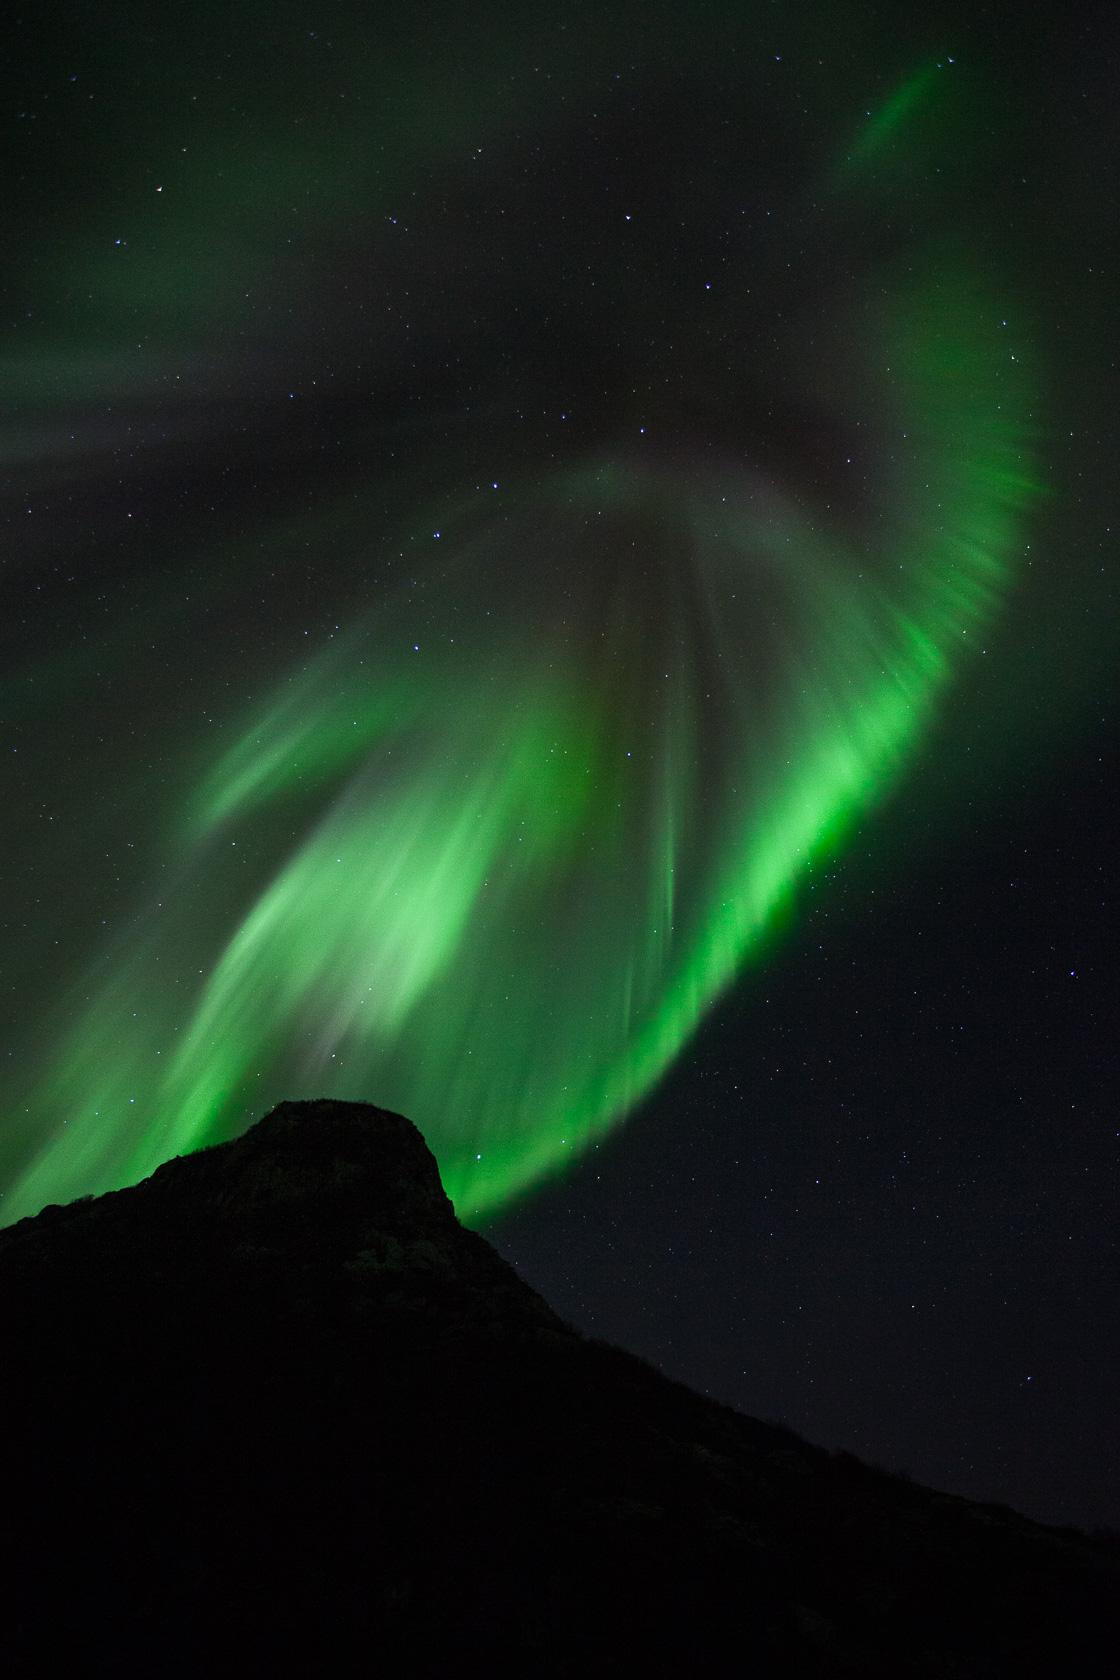 aurore boréale durant un voyage photo dans les îles Lofoten, en Norvège